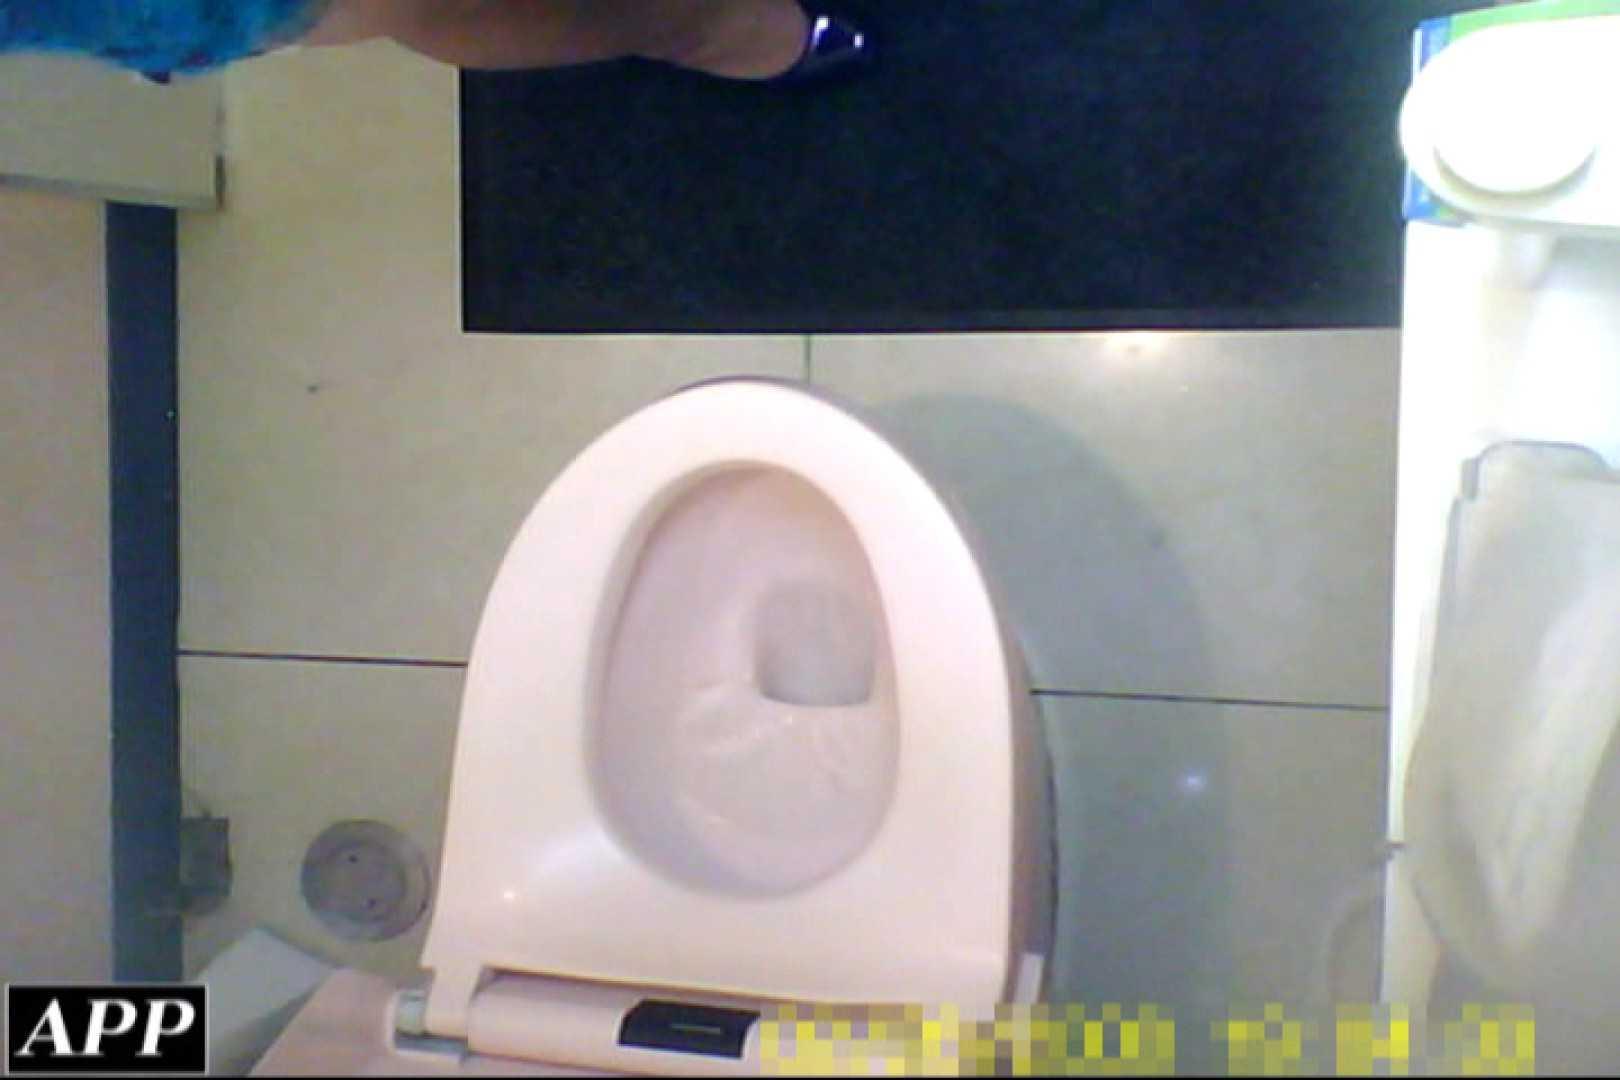 3視点洗面所 vol.004 OLエロ画像 | 洗面所  107PICs 57